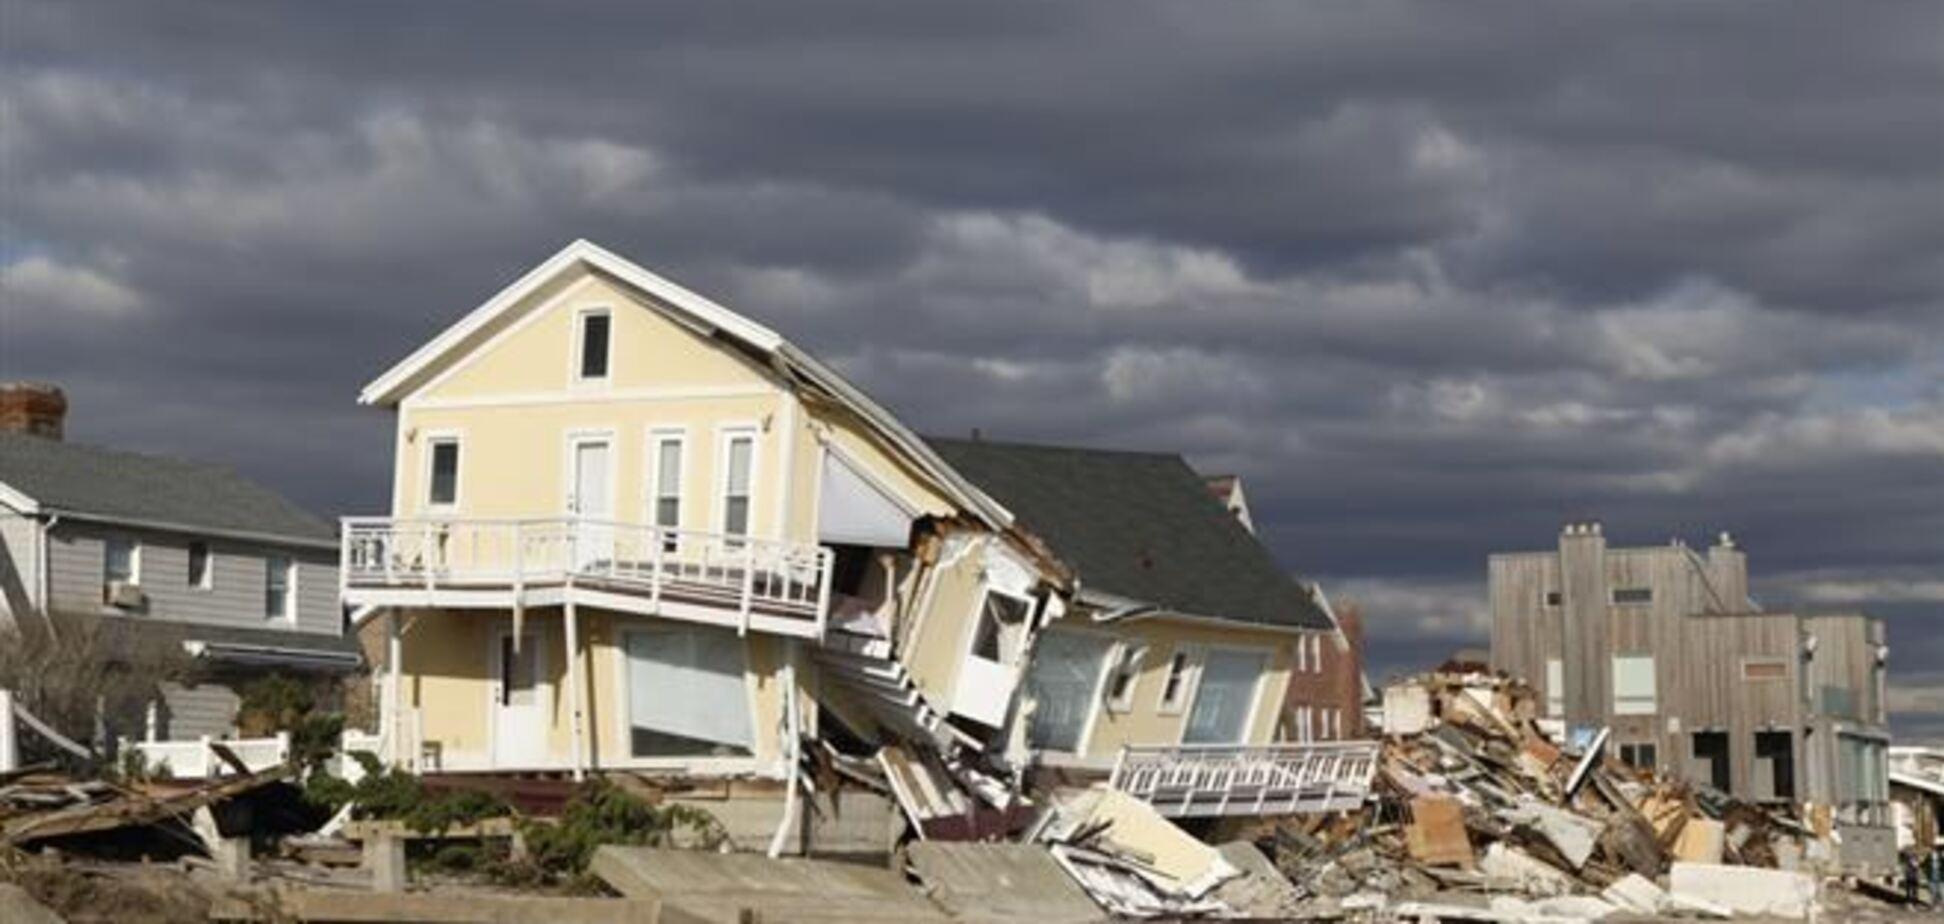 Ураган 'Святой Иуда' изрядно потрепал недвижимость северной Европы